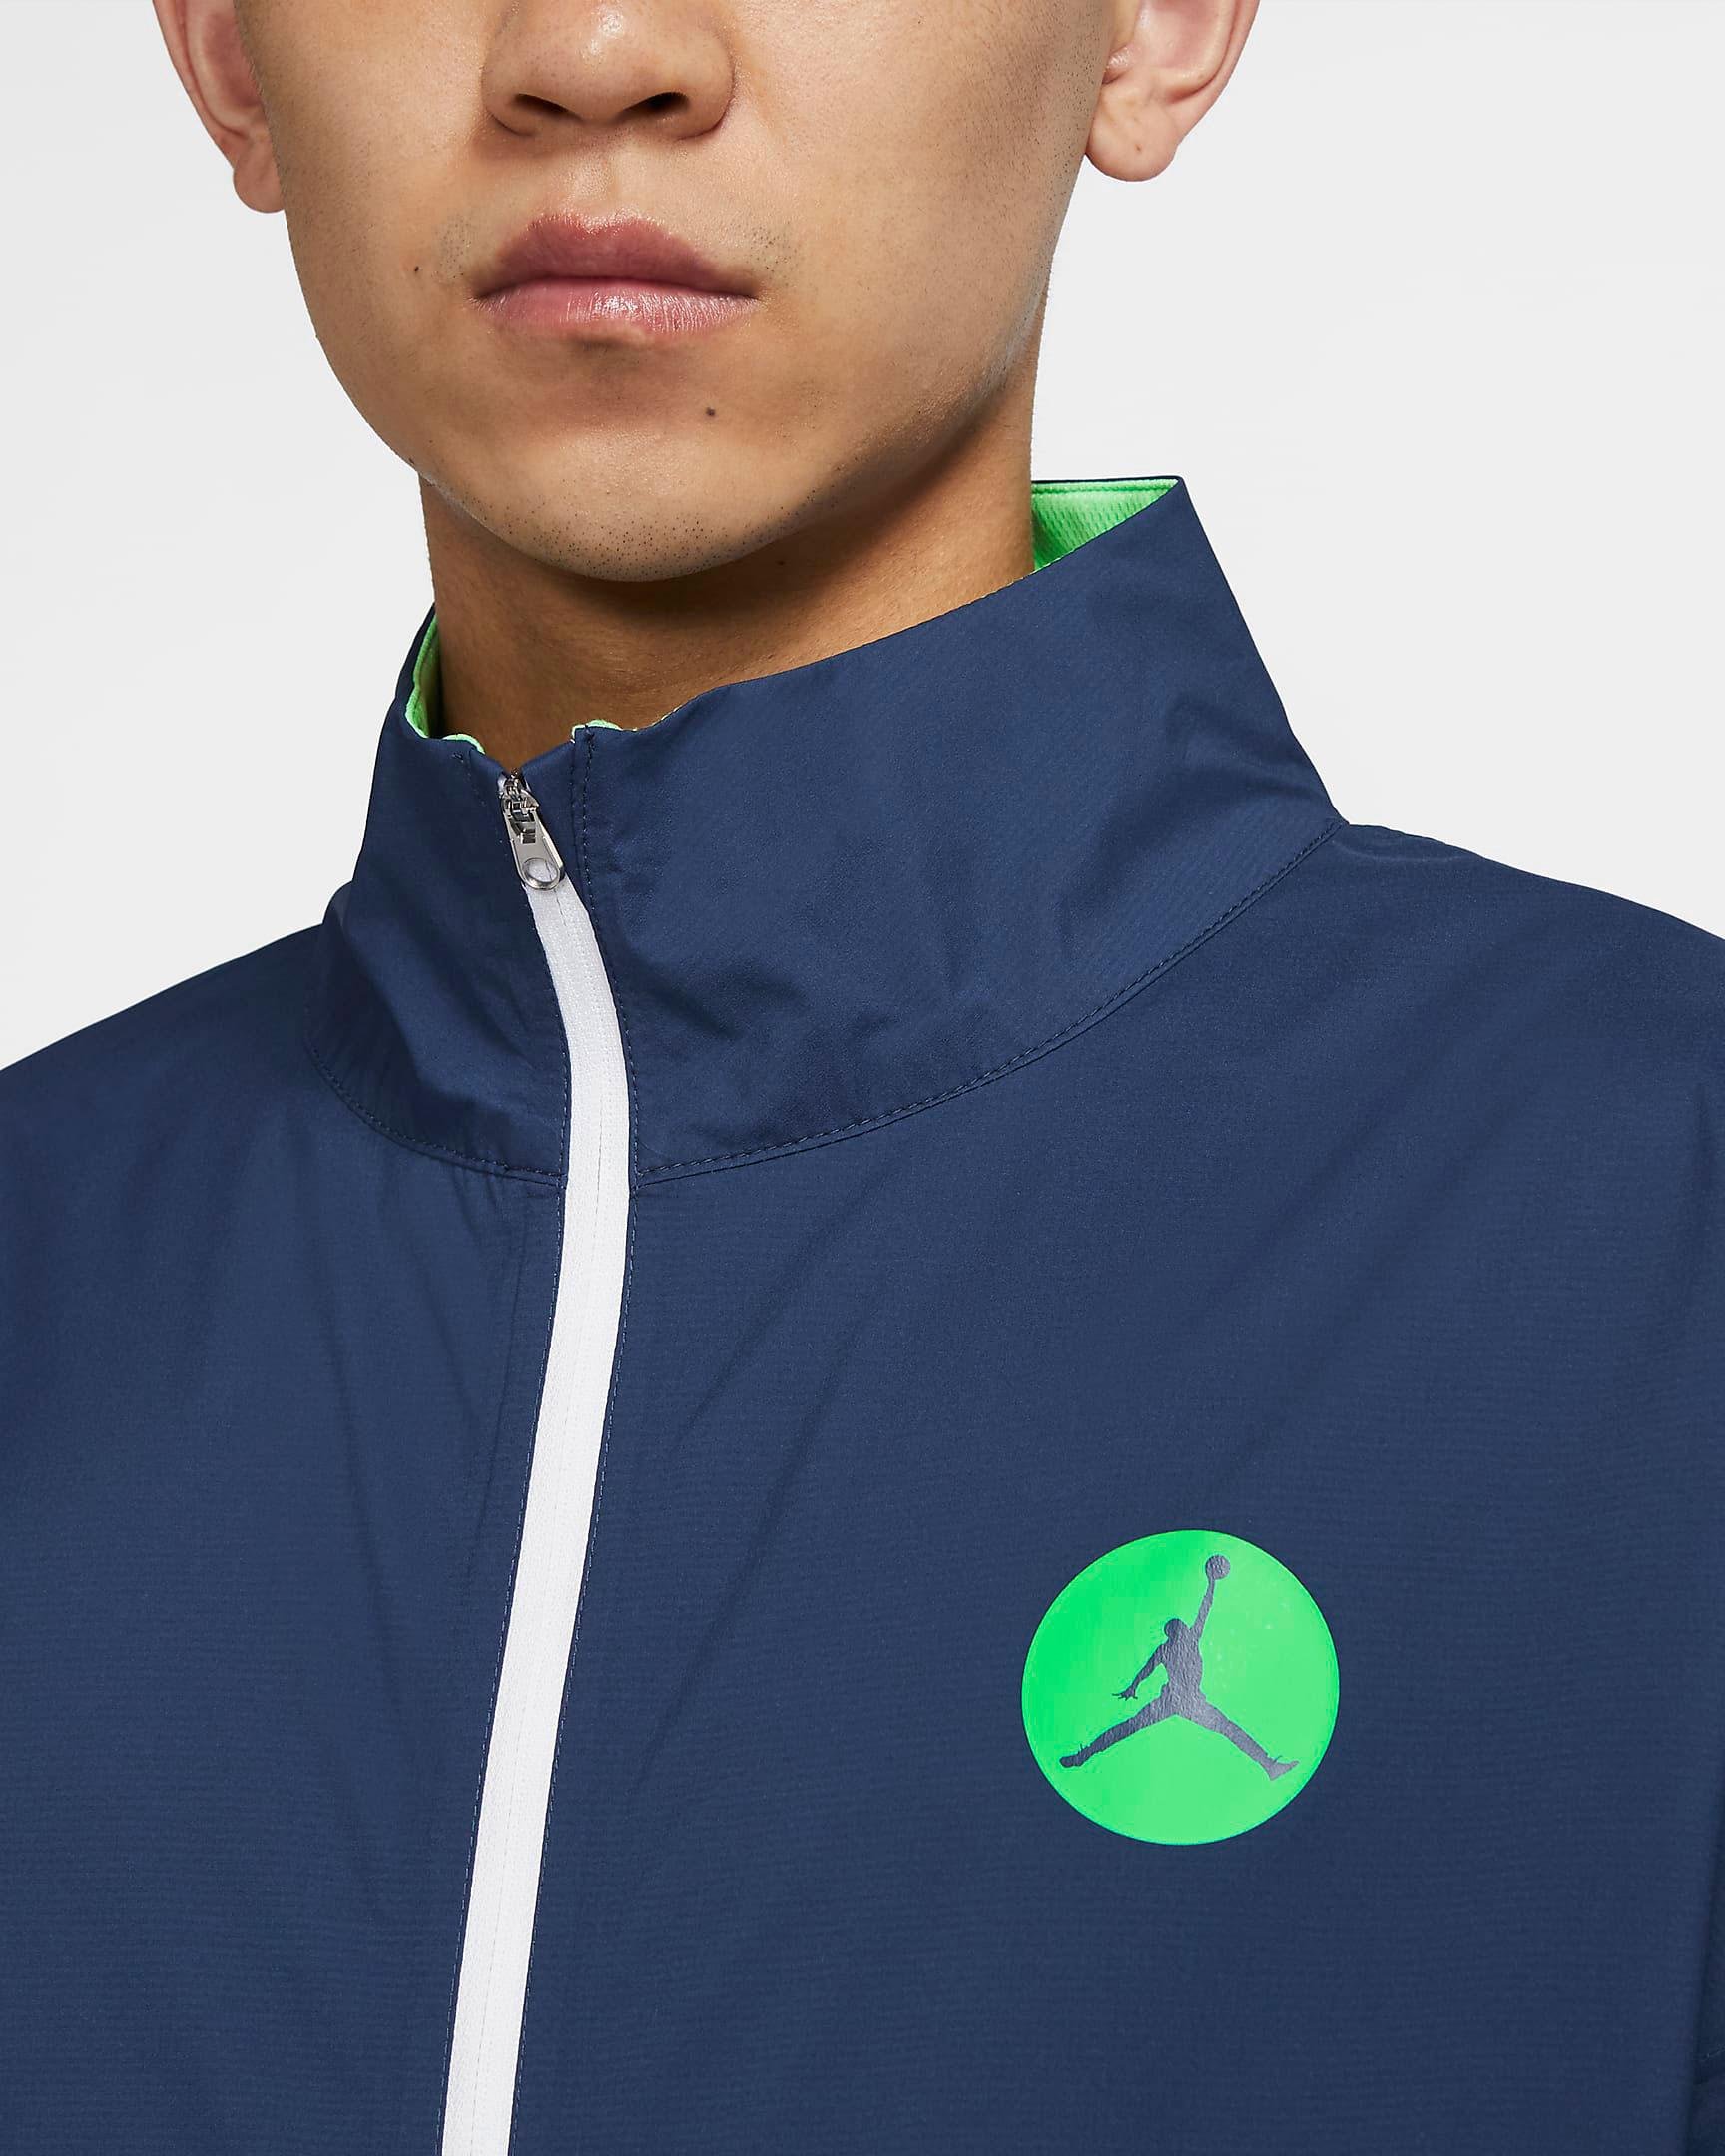 air-jordan-13-flint-jacket-2